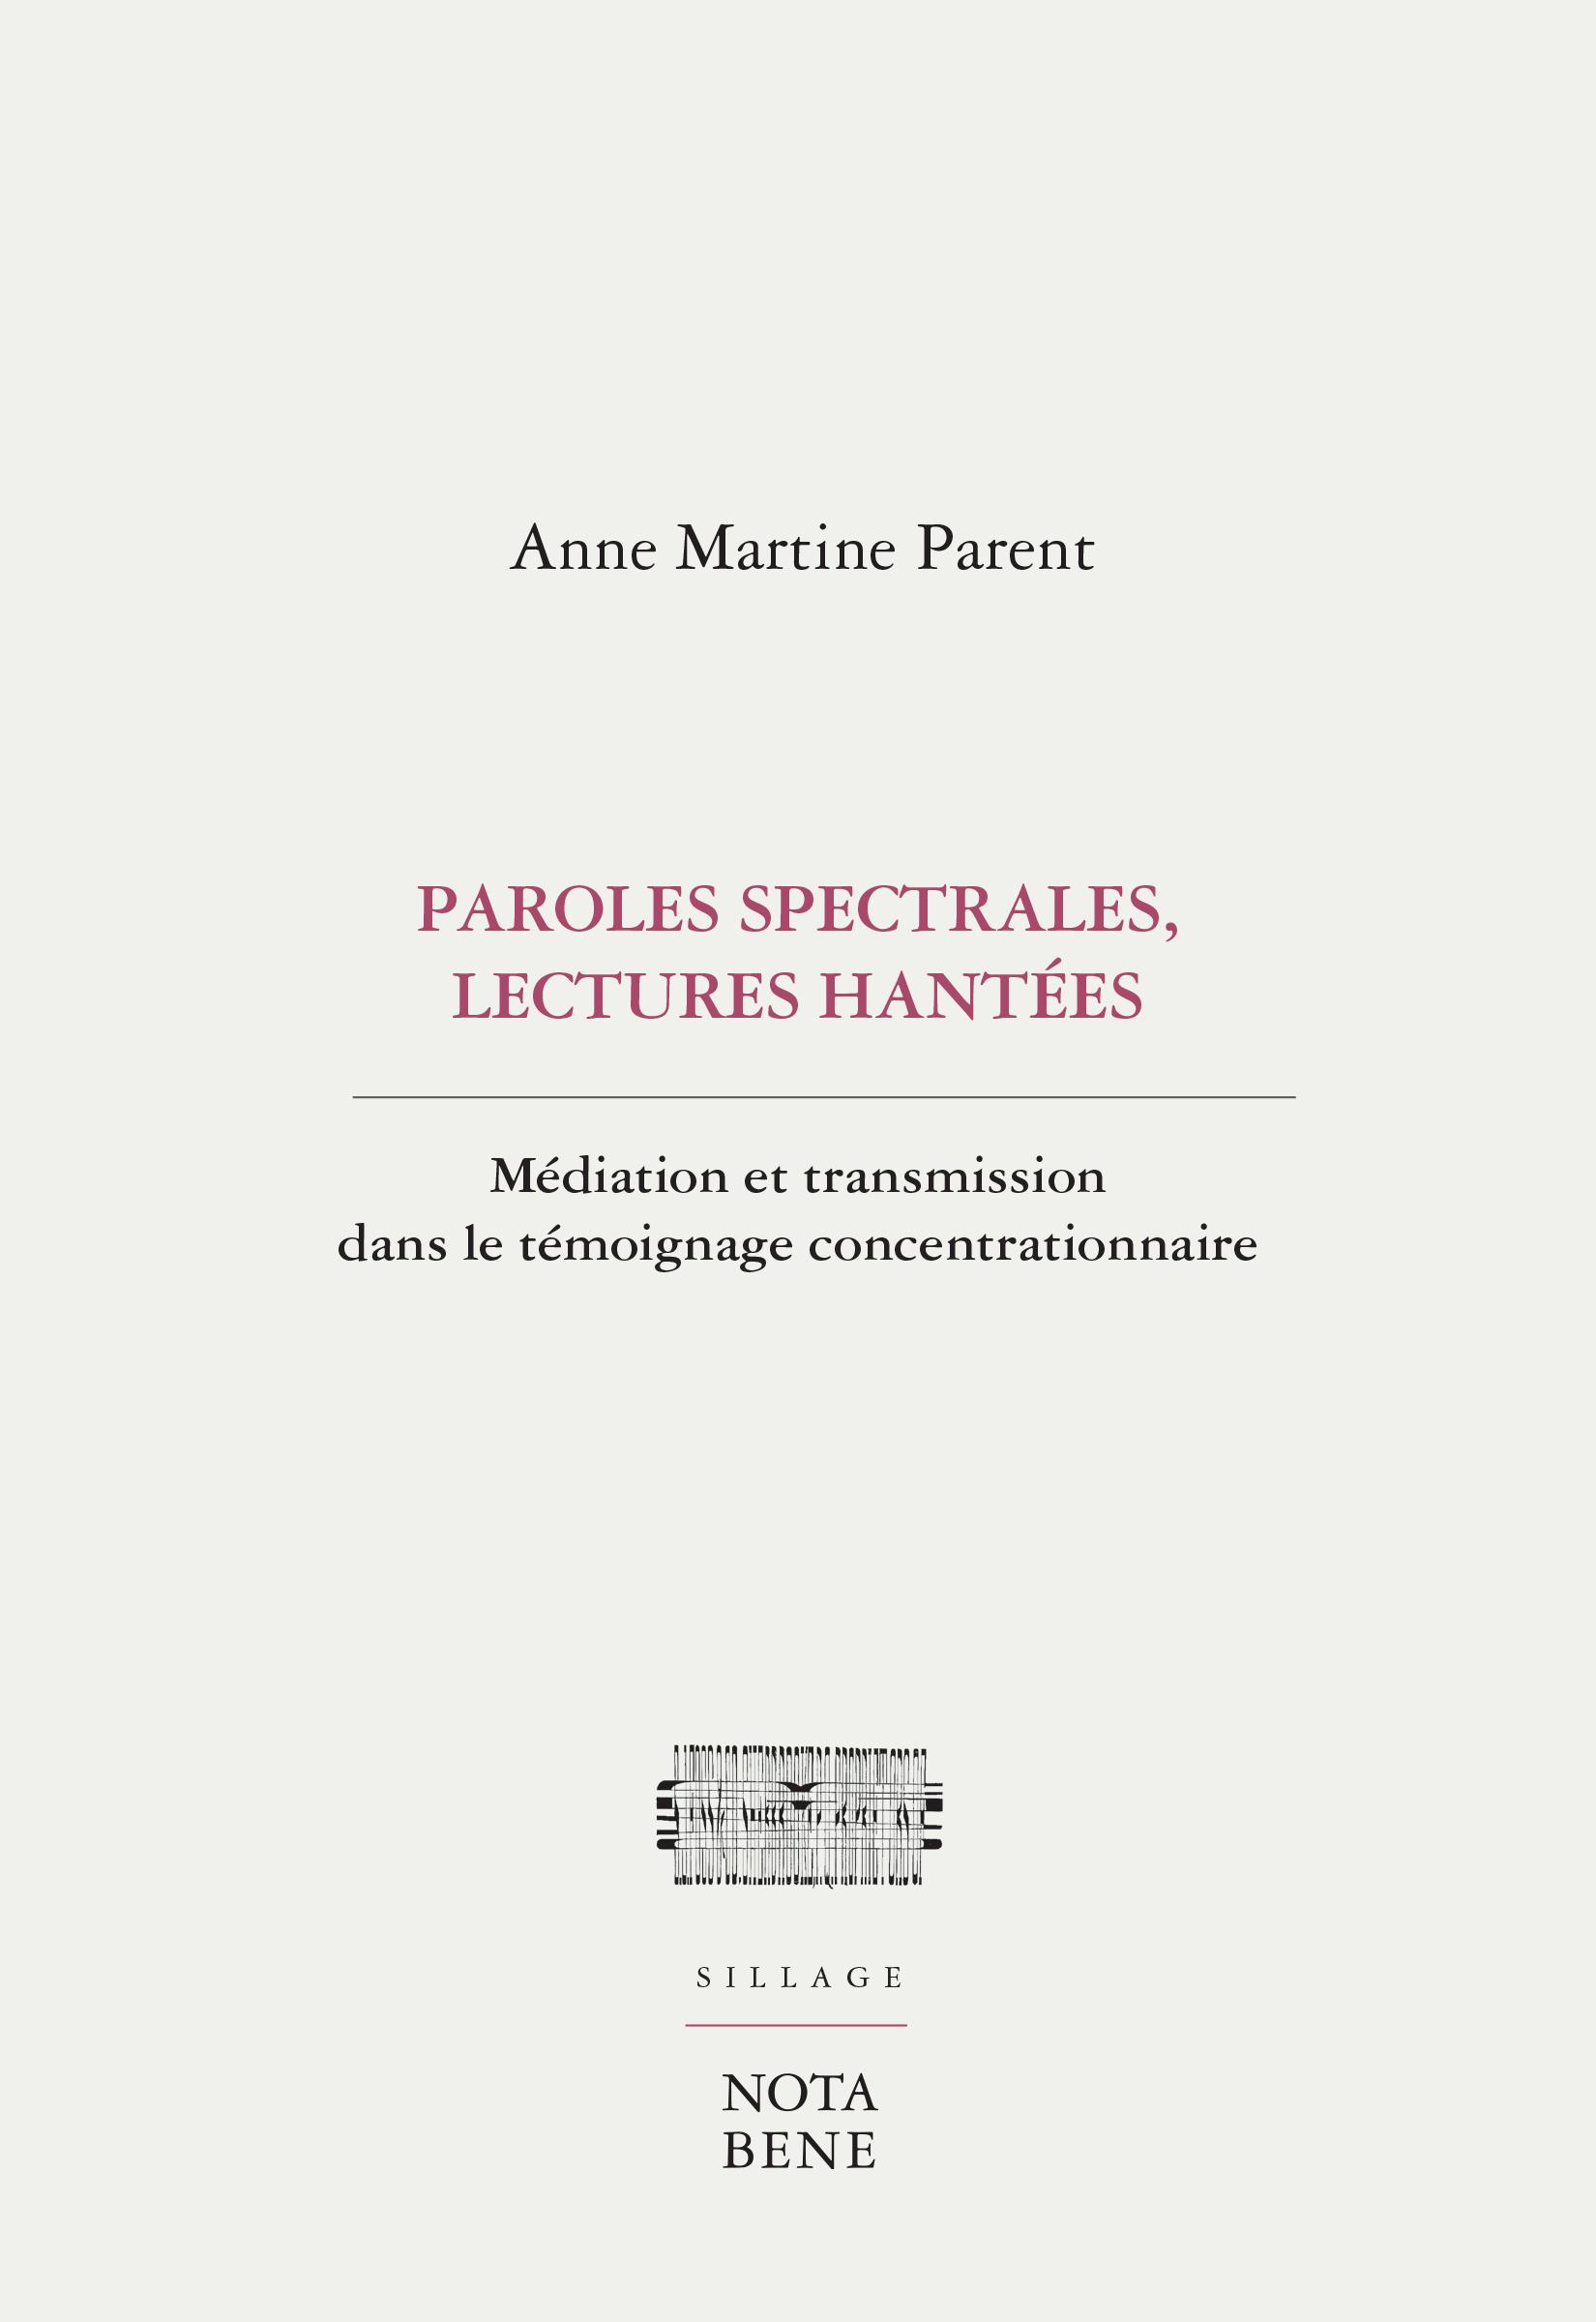 A.-M. Parent, Paroles spectrales, lectures hantées : Médiation et transmission dans le témoignage concentrationnaire